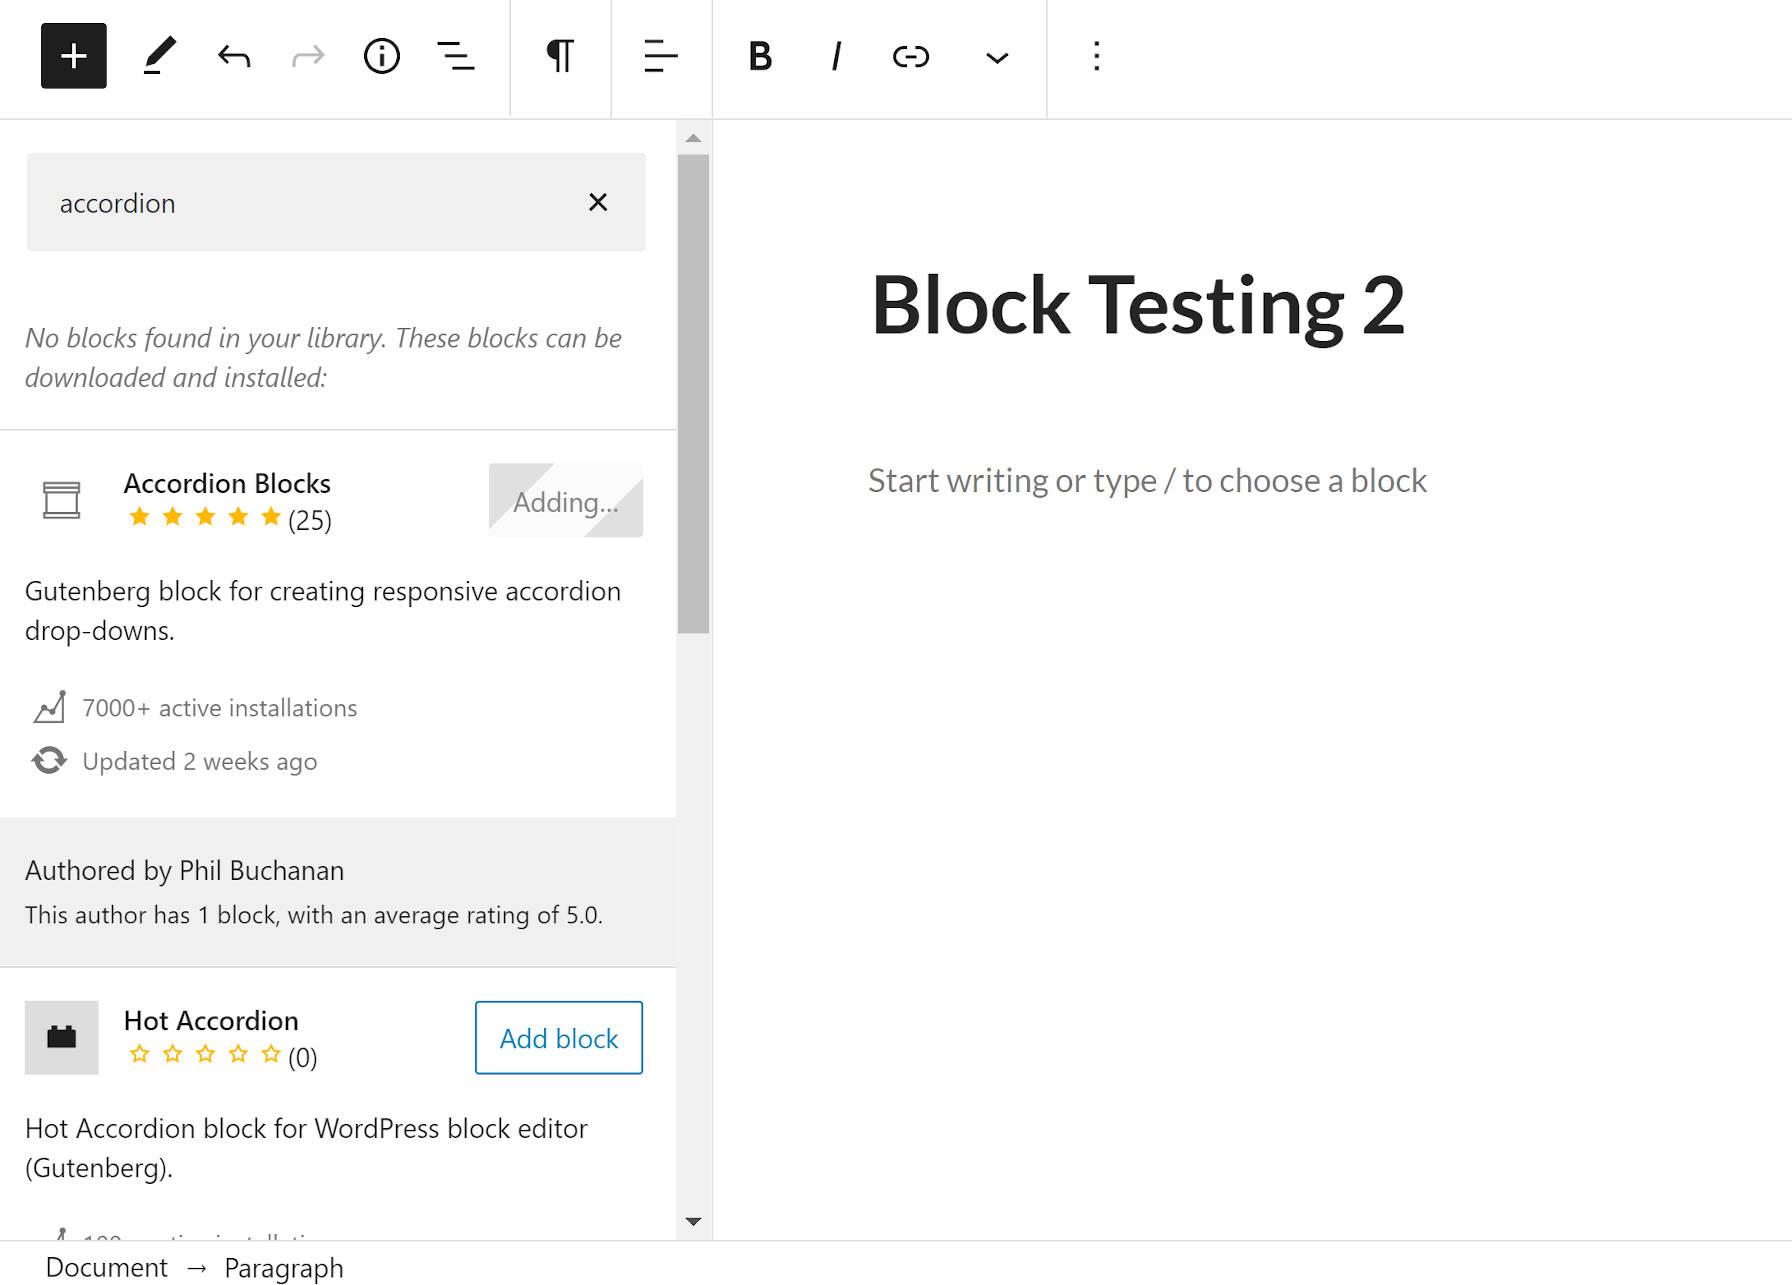 Recherche et installation d'un bloc à usage unique directement depuis l'éditeur WordPress.